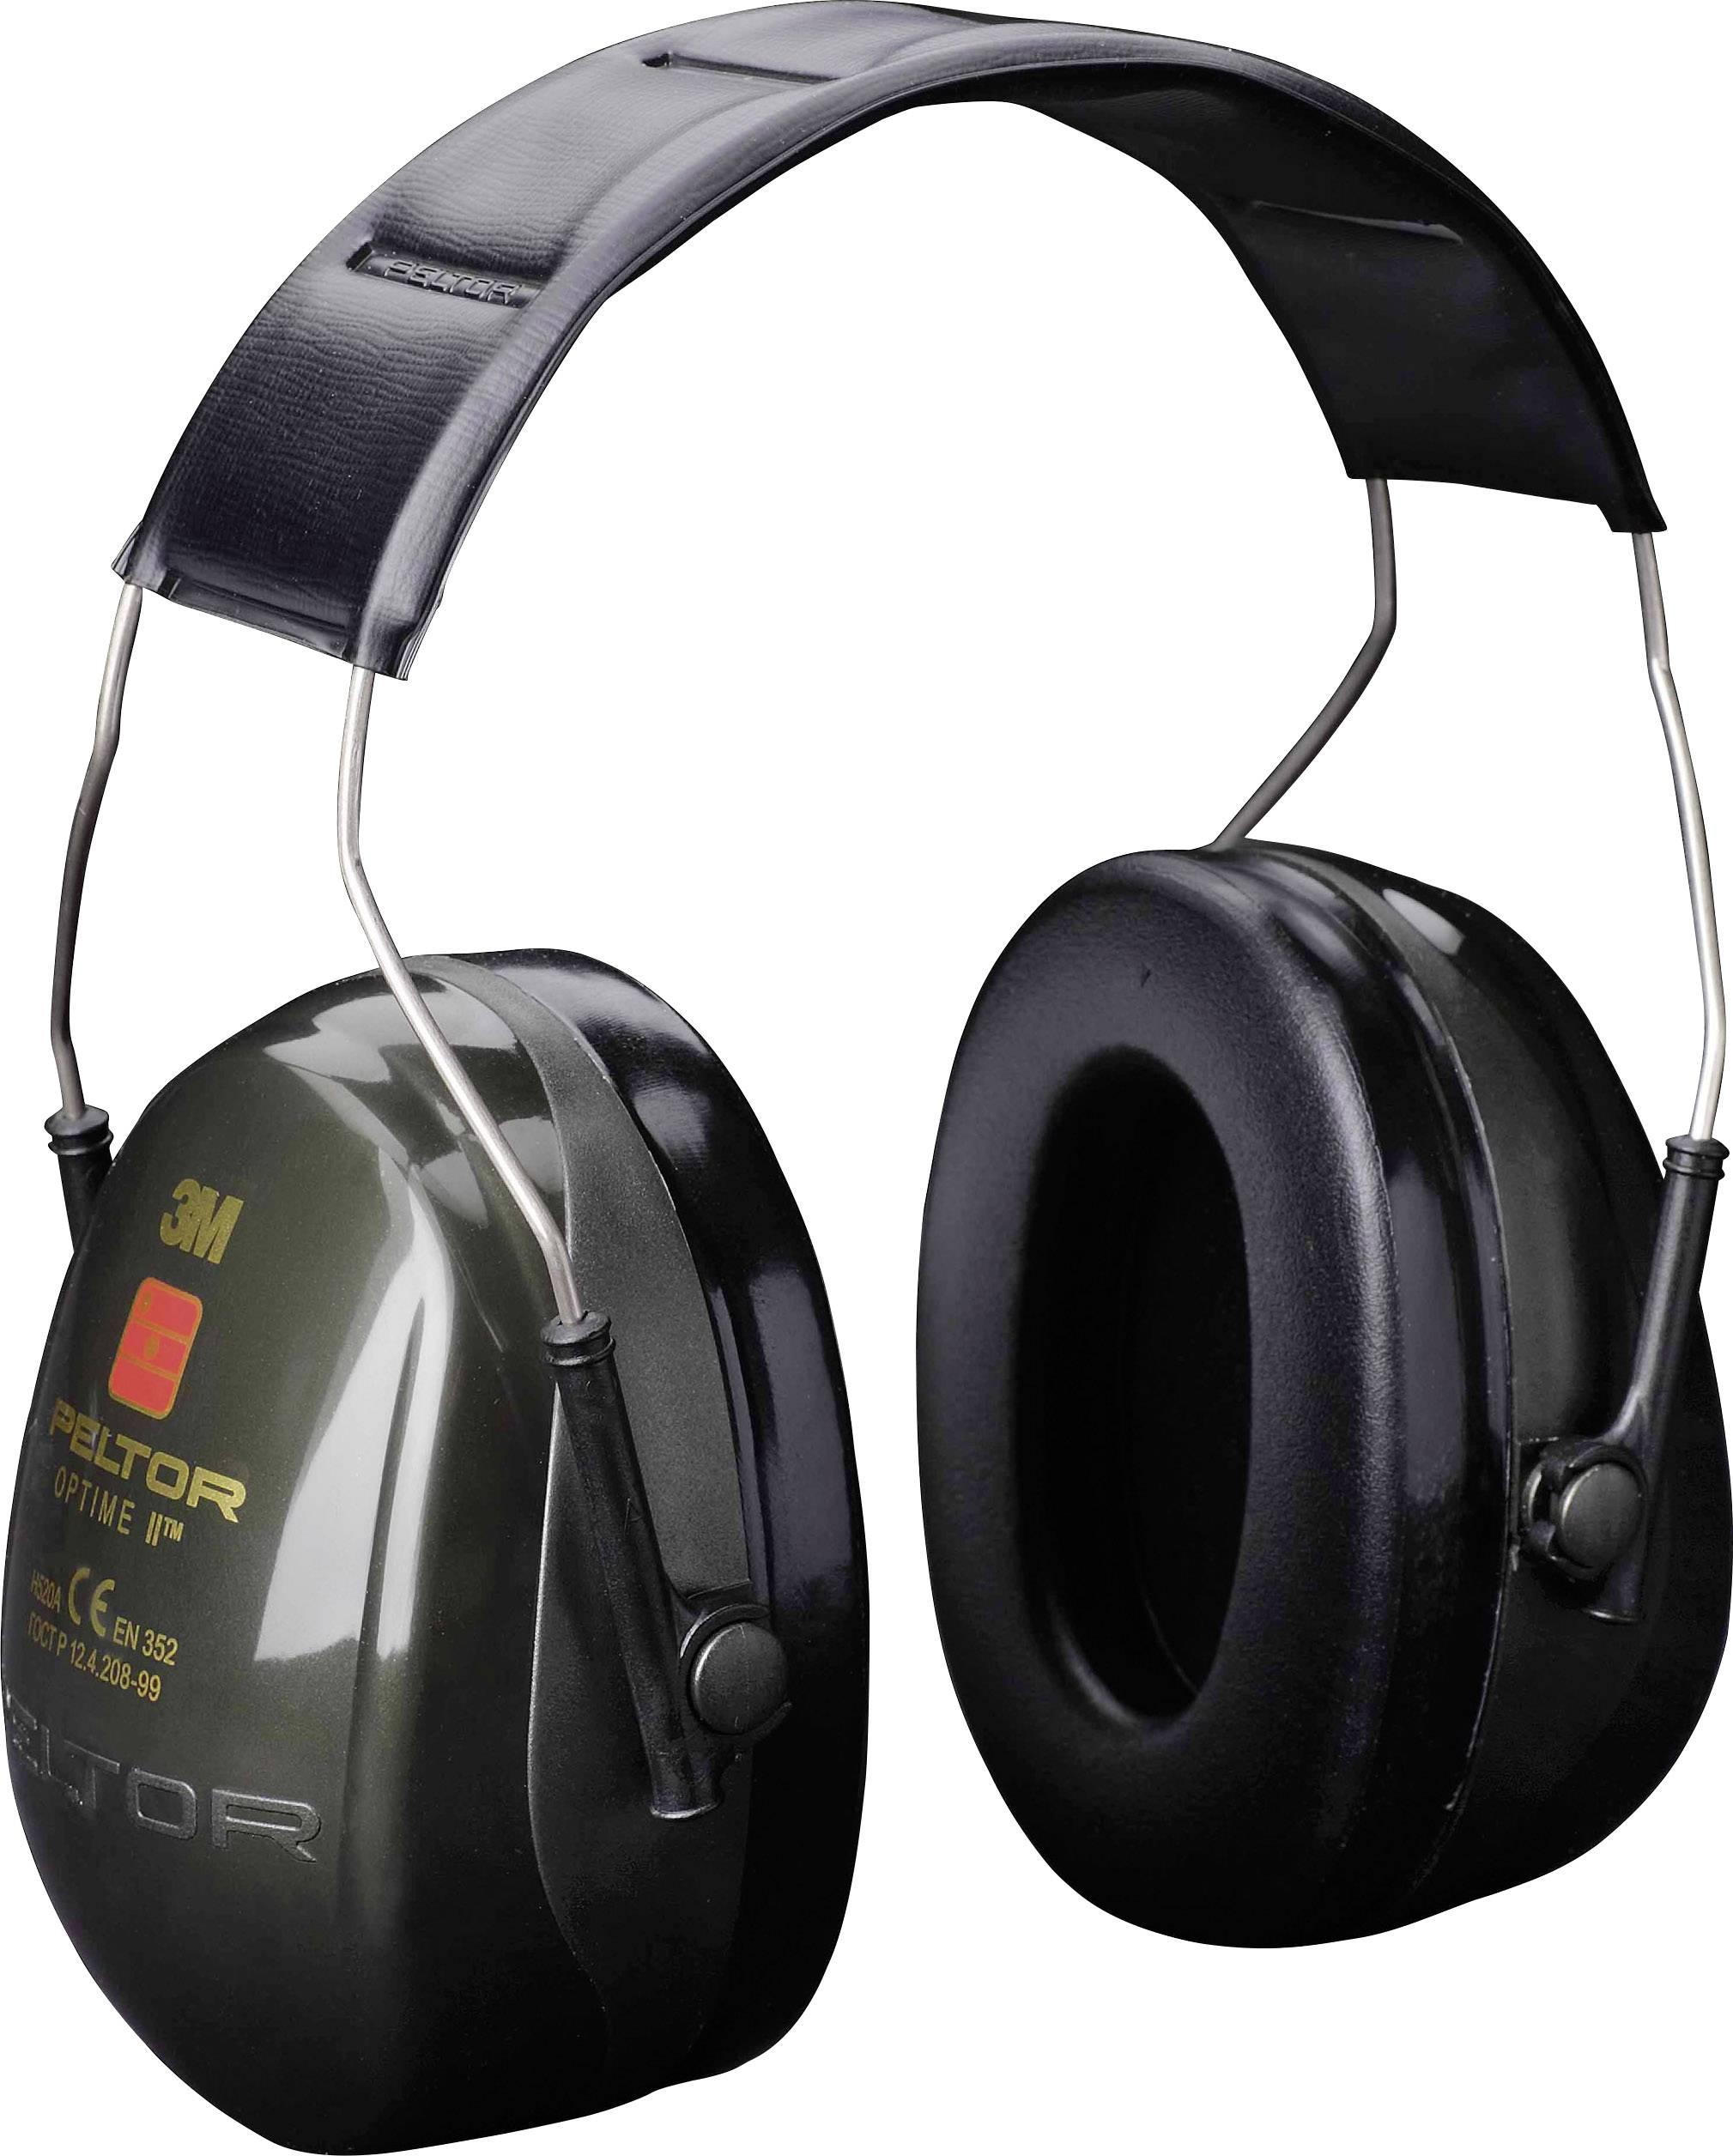 Mušľový chránič sluchu Peltor OPTIME II H520A, 31 dB, 1 ks